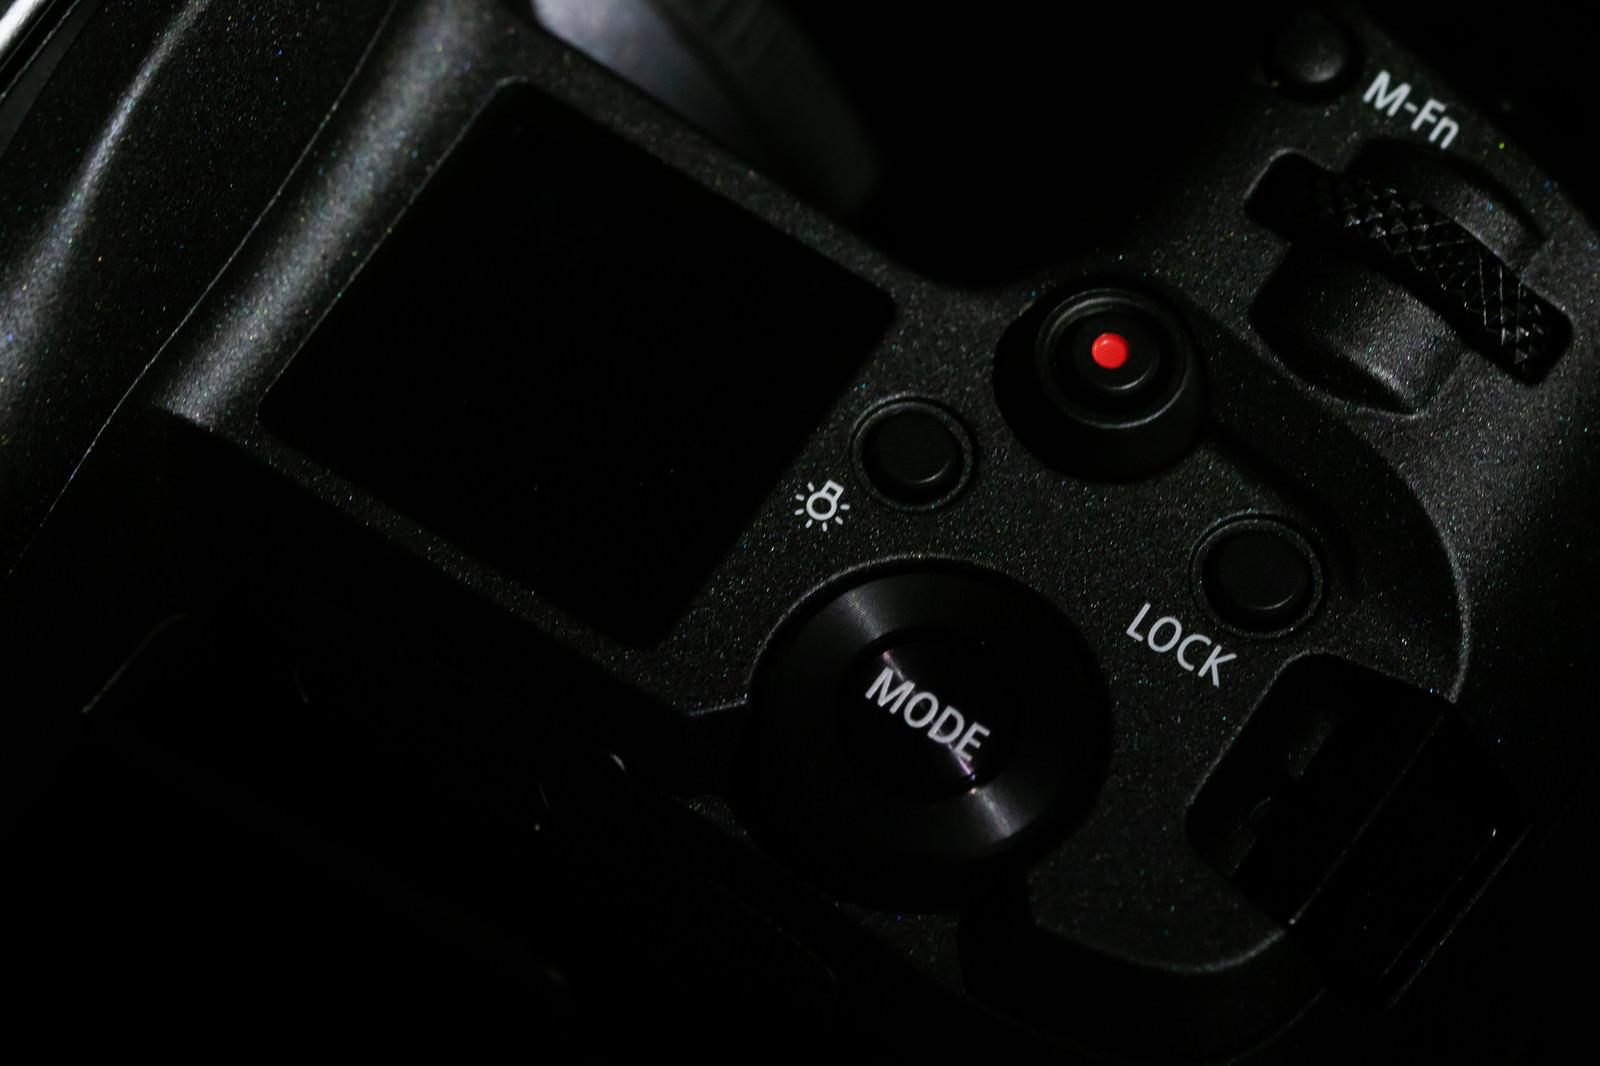 「ミラーレス一眼レフカメラの上面(CANON EOS R)」の写真